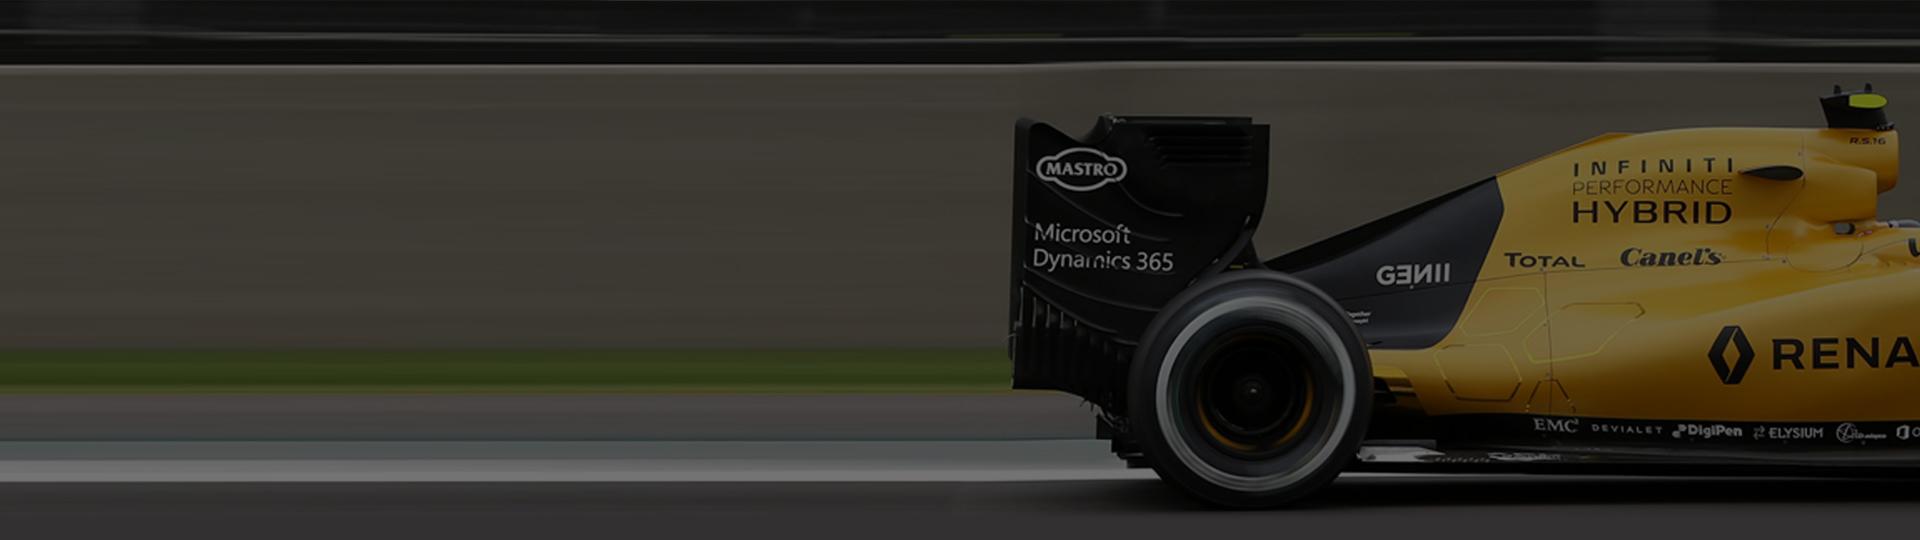 Une écurie de Formule1 utilise les services cloud pour gagner en rapidité et en flexibilité, tant sur le circuit que hors circuit